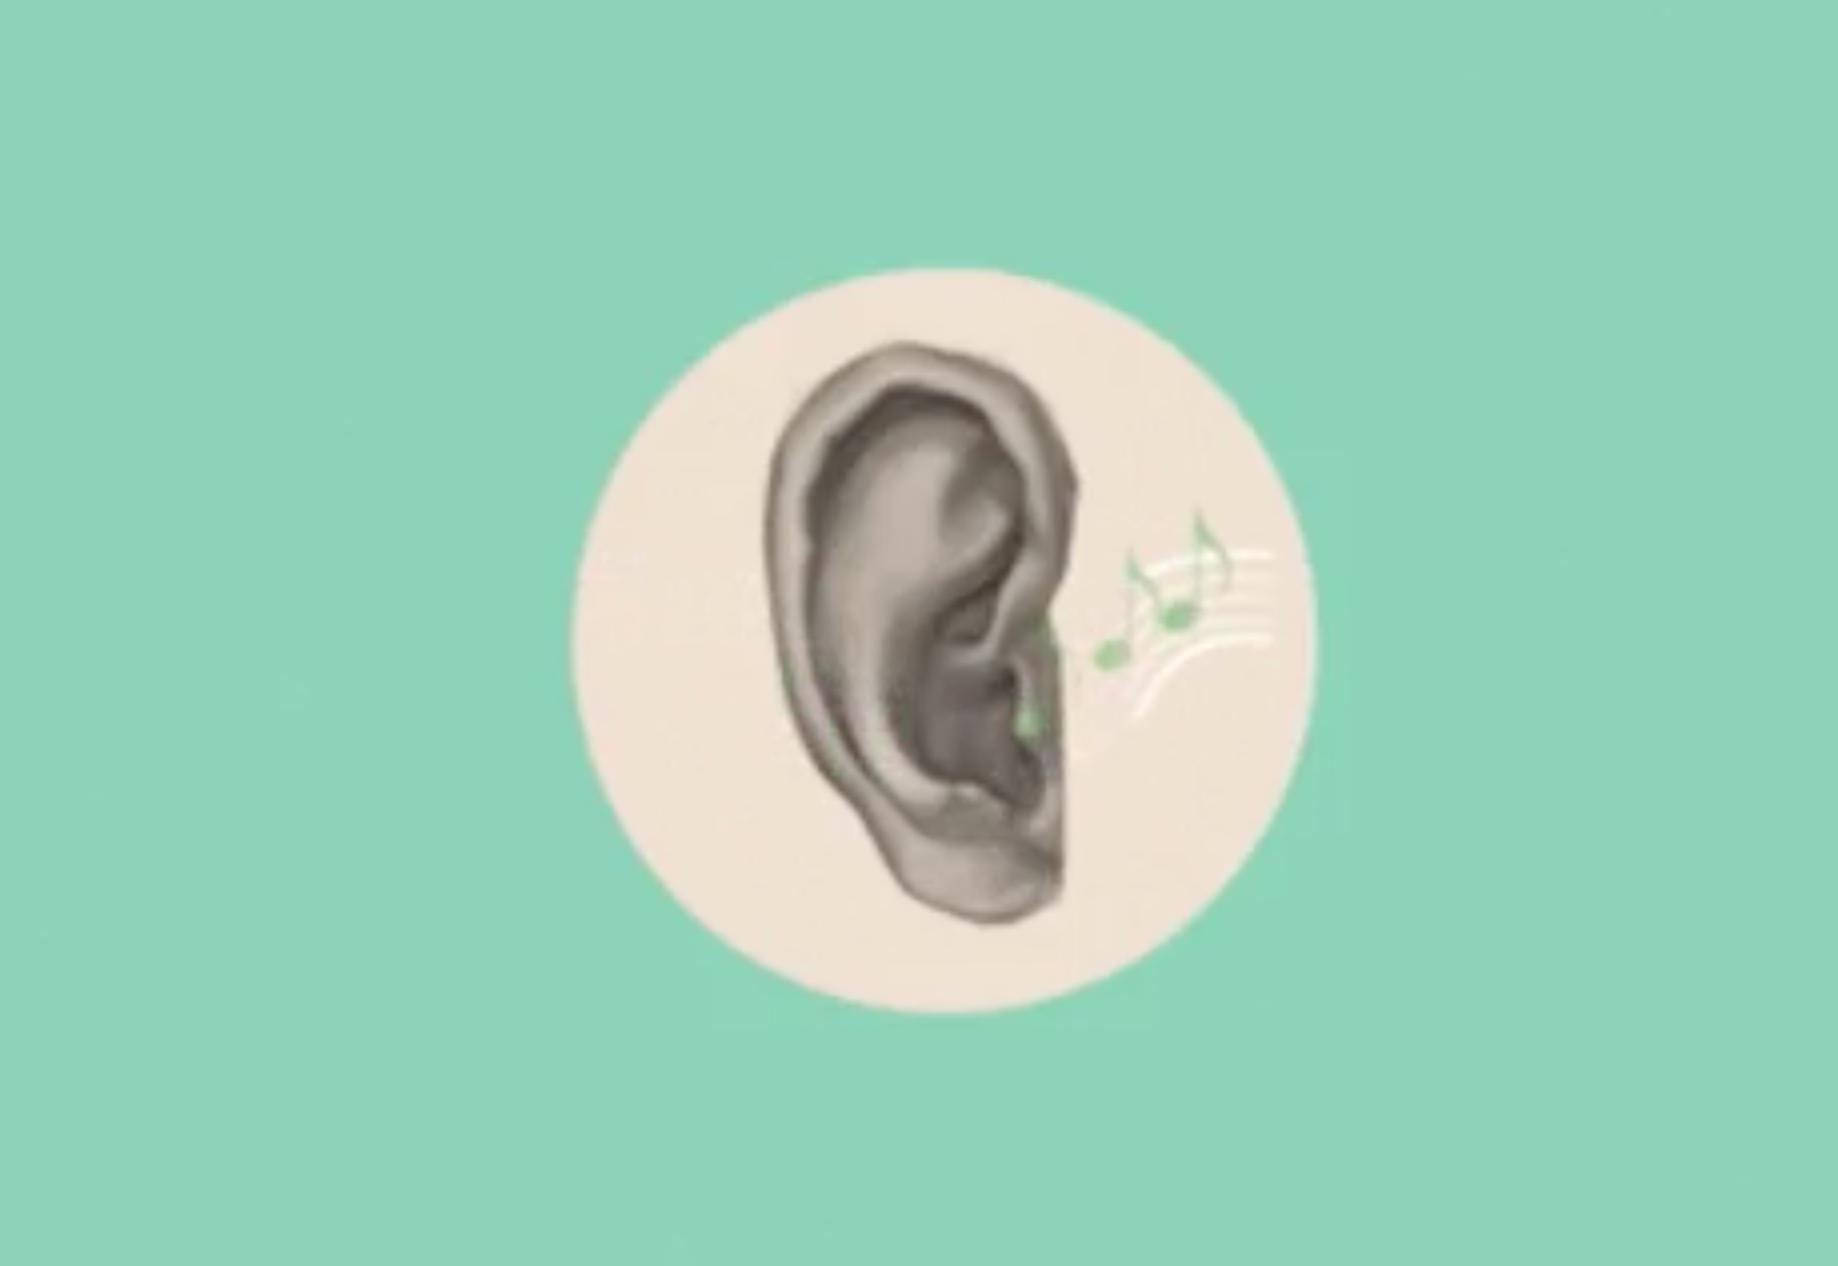 длина плохо анимационные картинки ухо проживаете